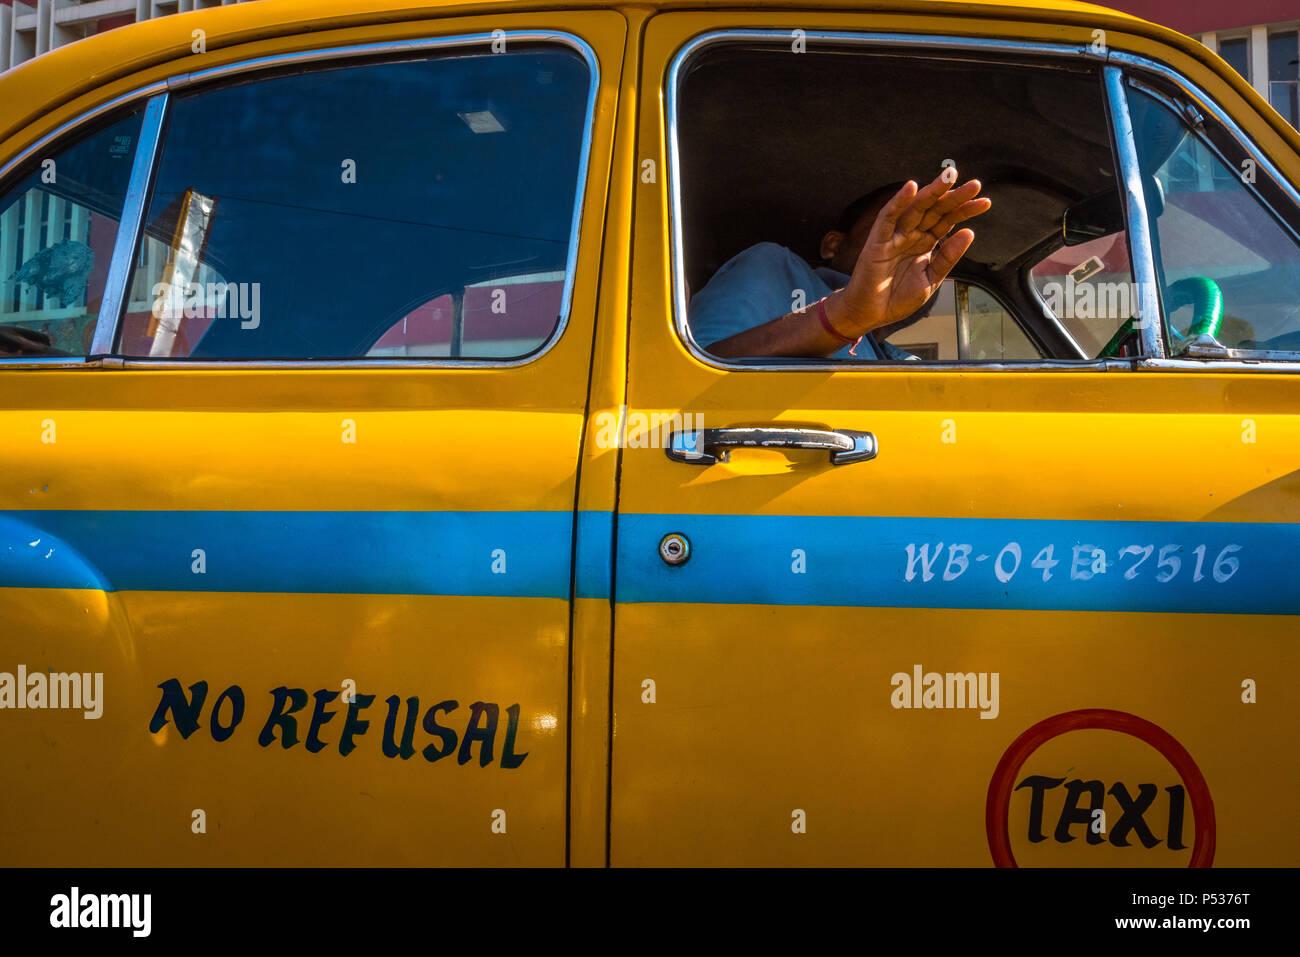 Taxi driver refusing from a Hindustan Ambassador in Kolkata, India. - Stock Image